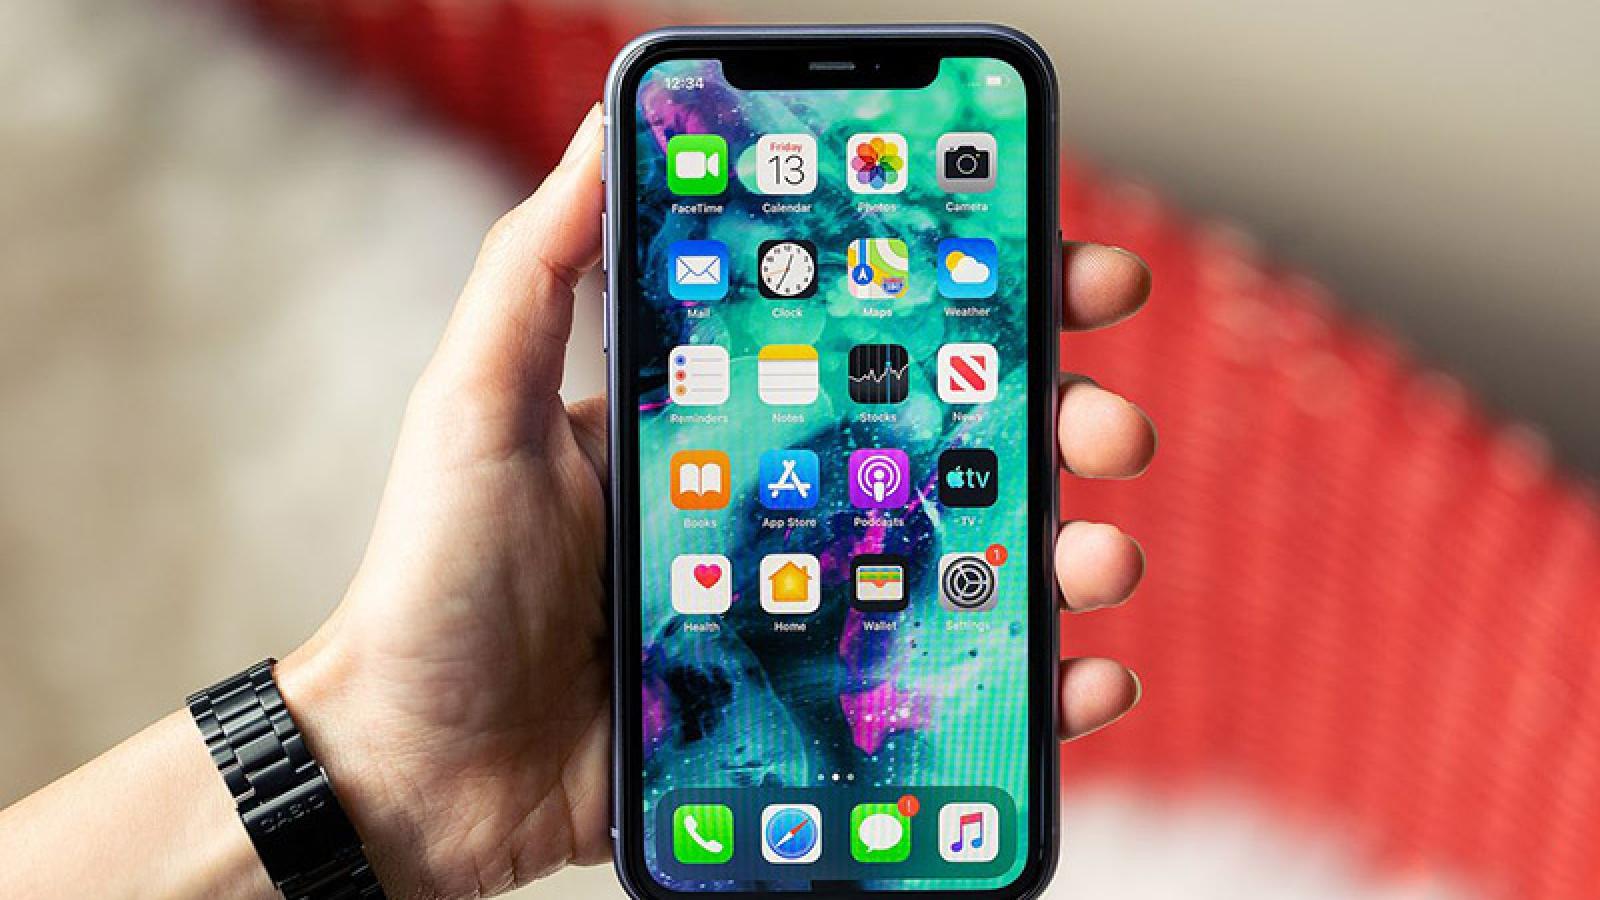 Apple sửa chữa miễn phí nhiều iPhone 11 gặp sự cố nghiêm trọng